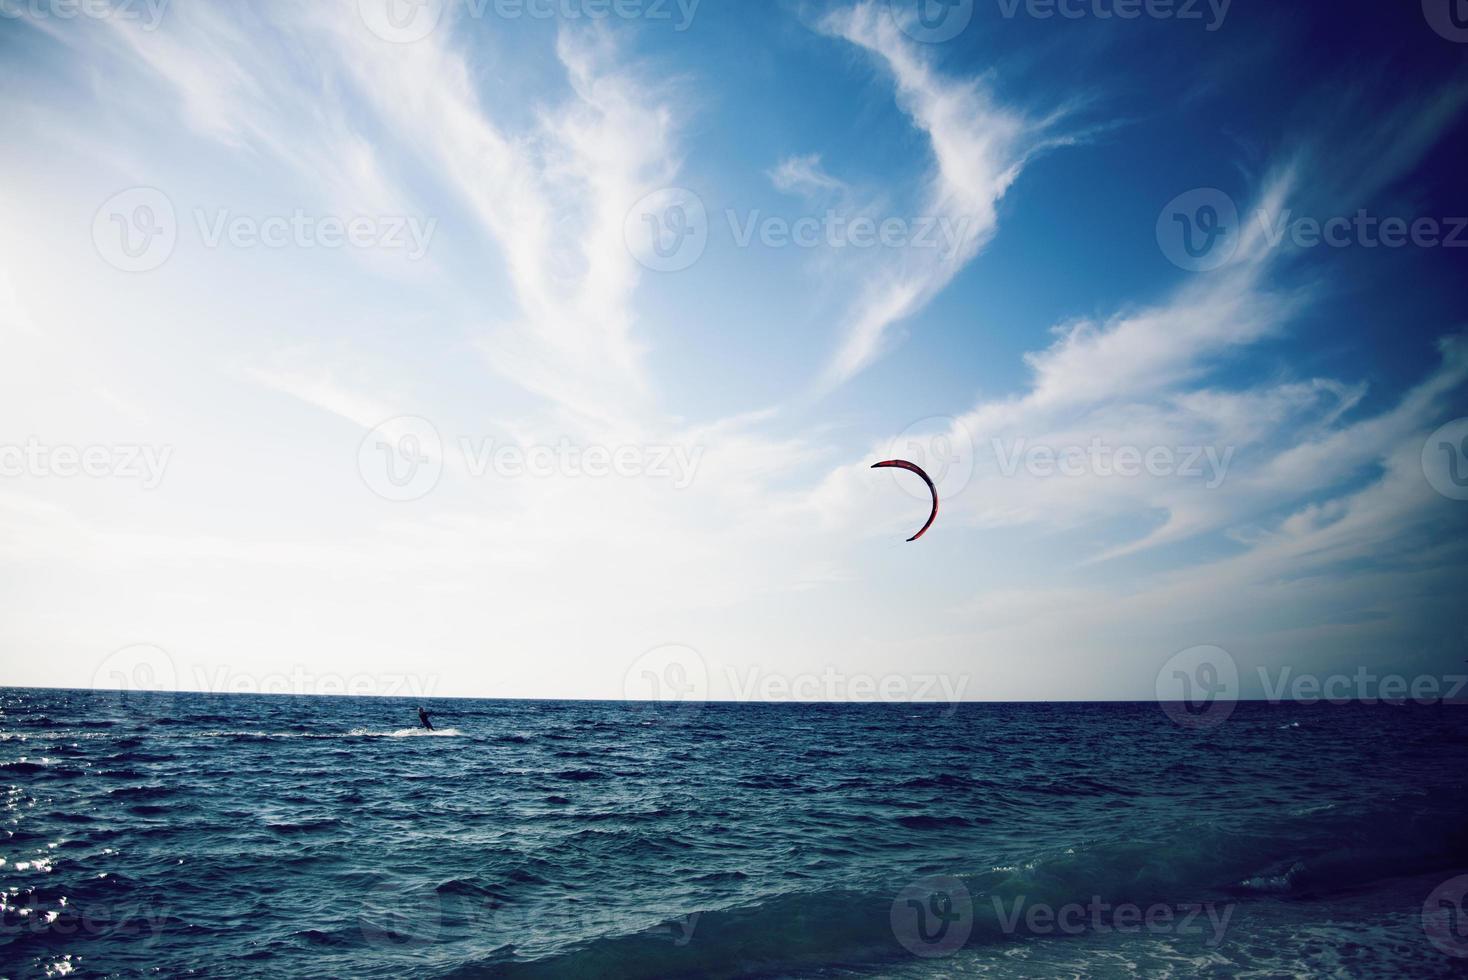 pessoas que gostam de kitesurf na água tropical azul clara foto